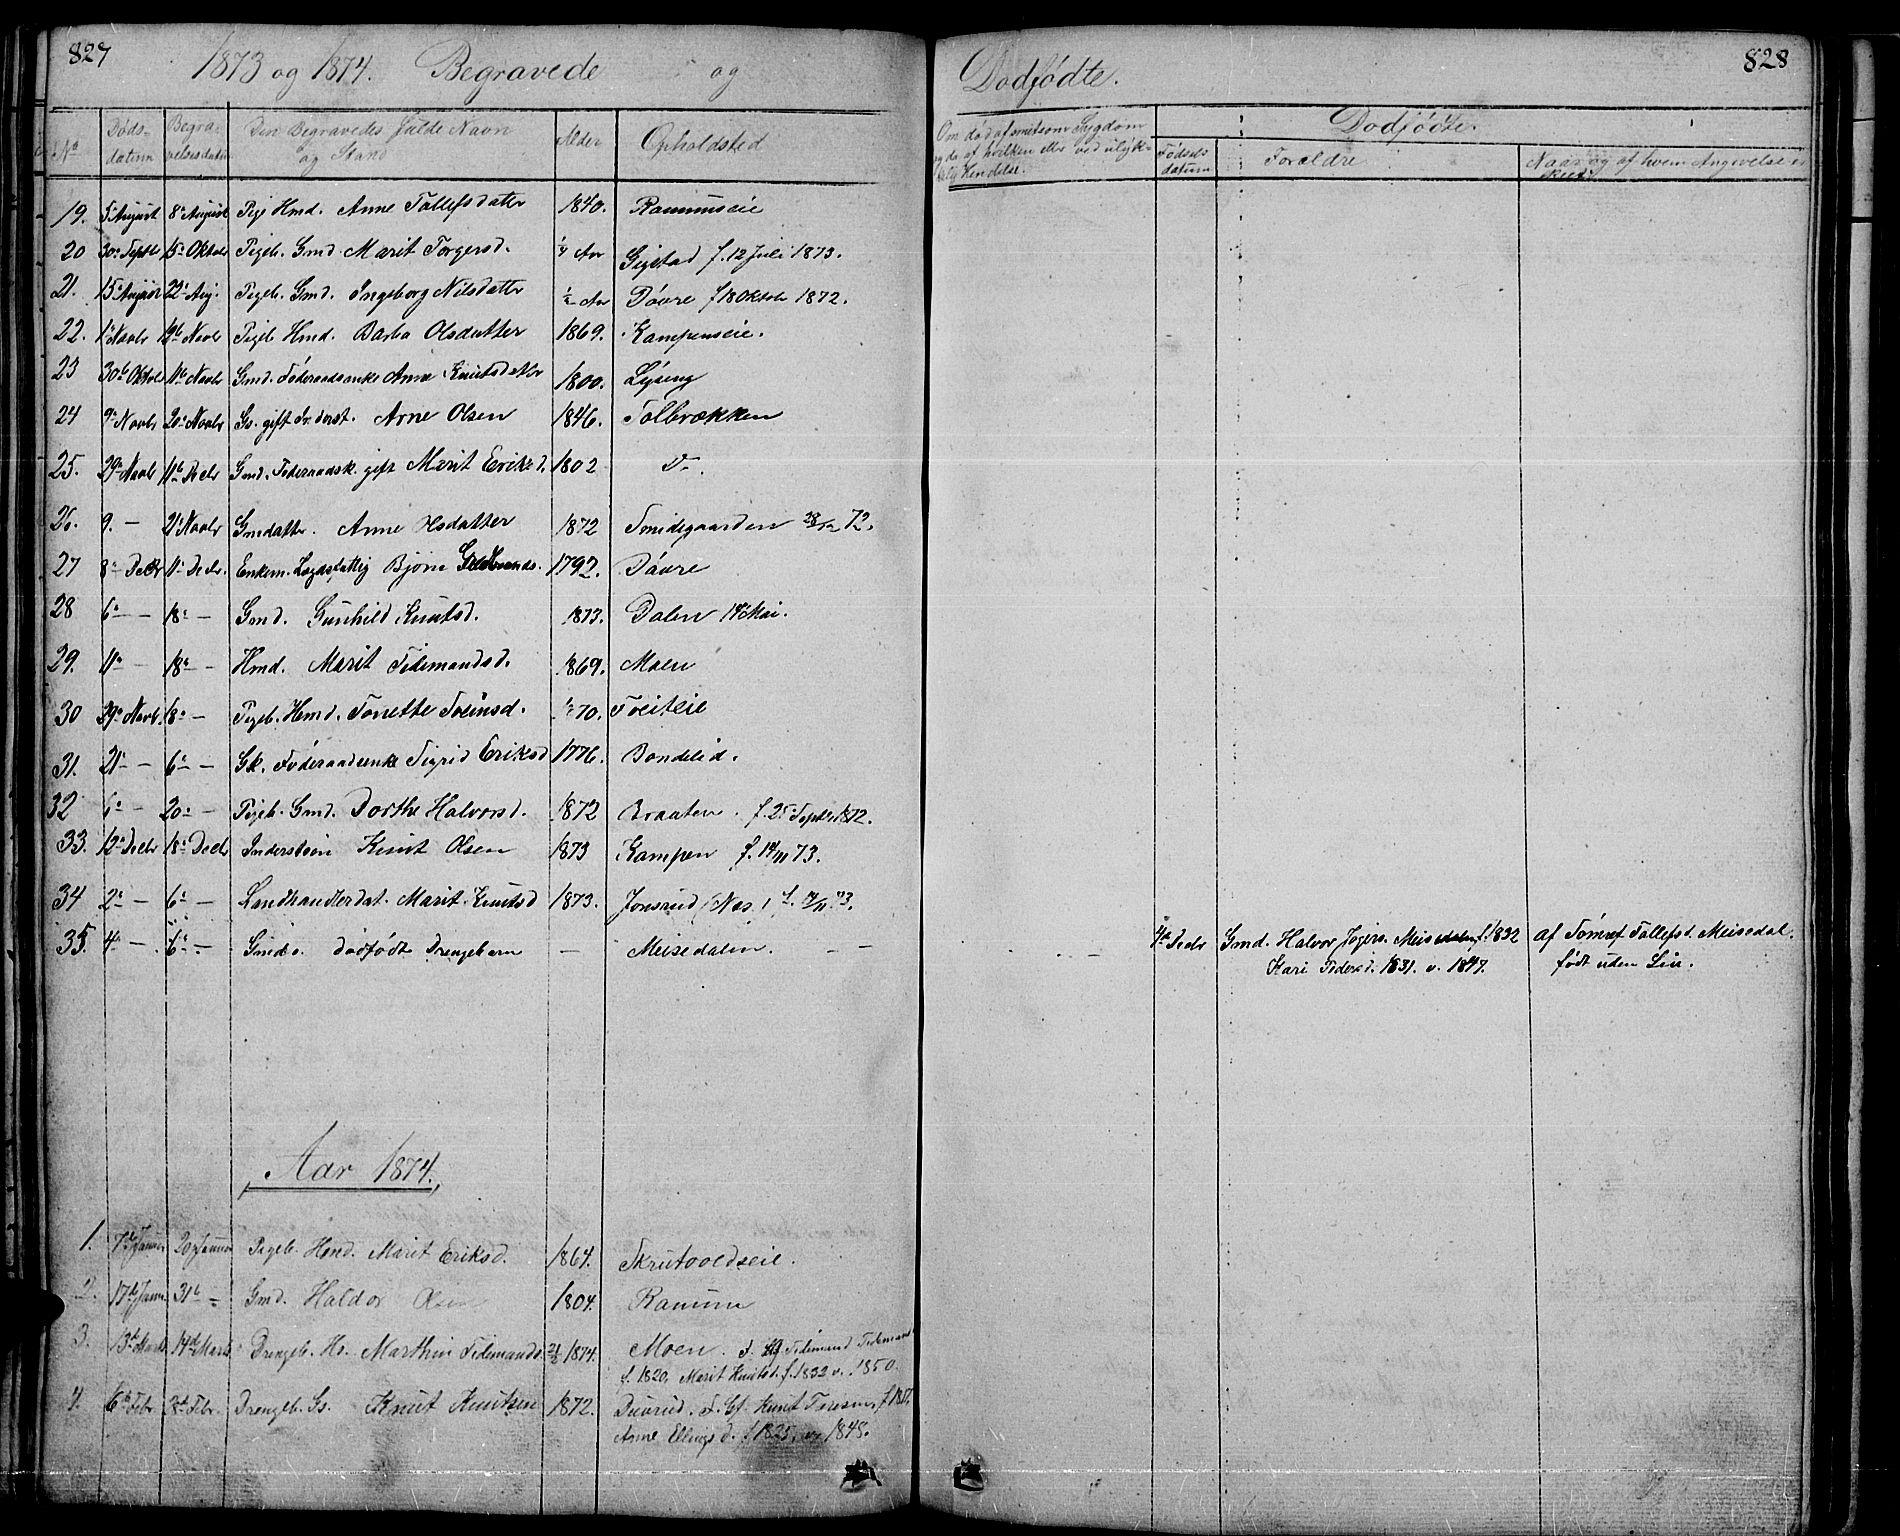 SAH, Nord-Aurdal prestekontor, Klokkerbok nr. 1, 1834-1887, s. 827-828